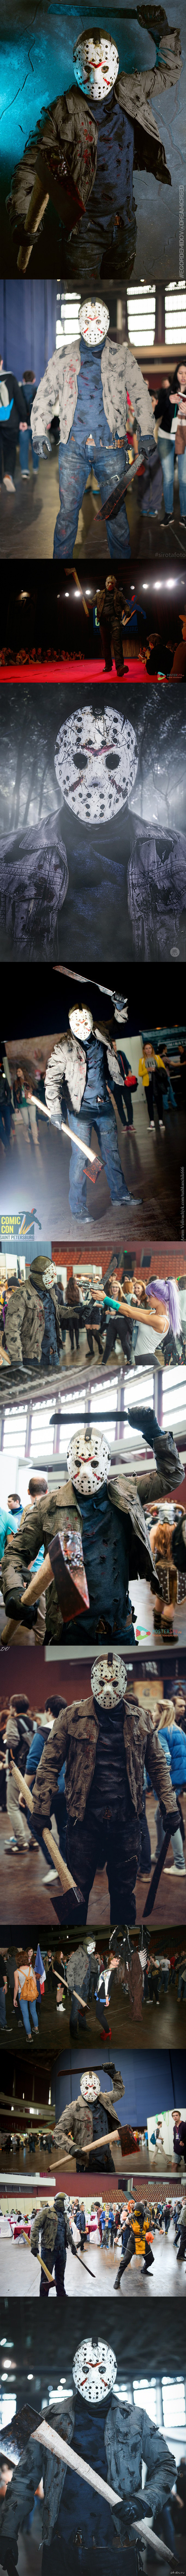 Как я Джейсоном на Comic Con Saint Petersburg сходил. Спасибо фотографам и посетителям за то, что не обделили меня вниманием.